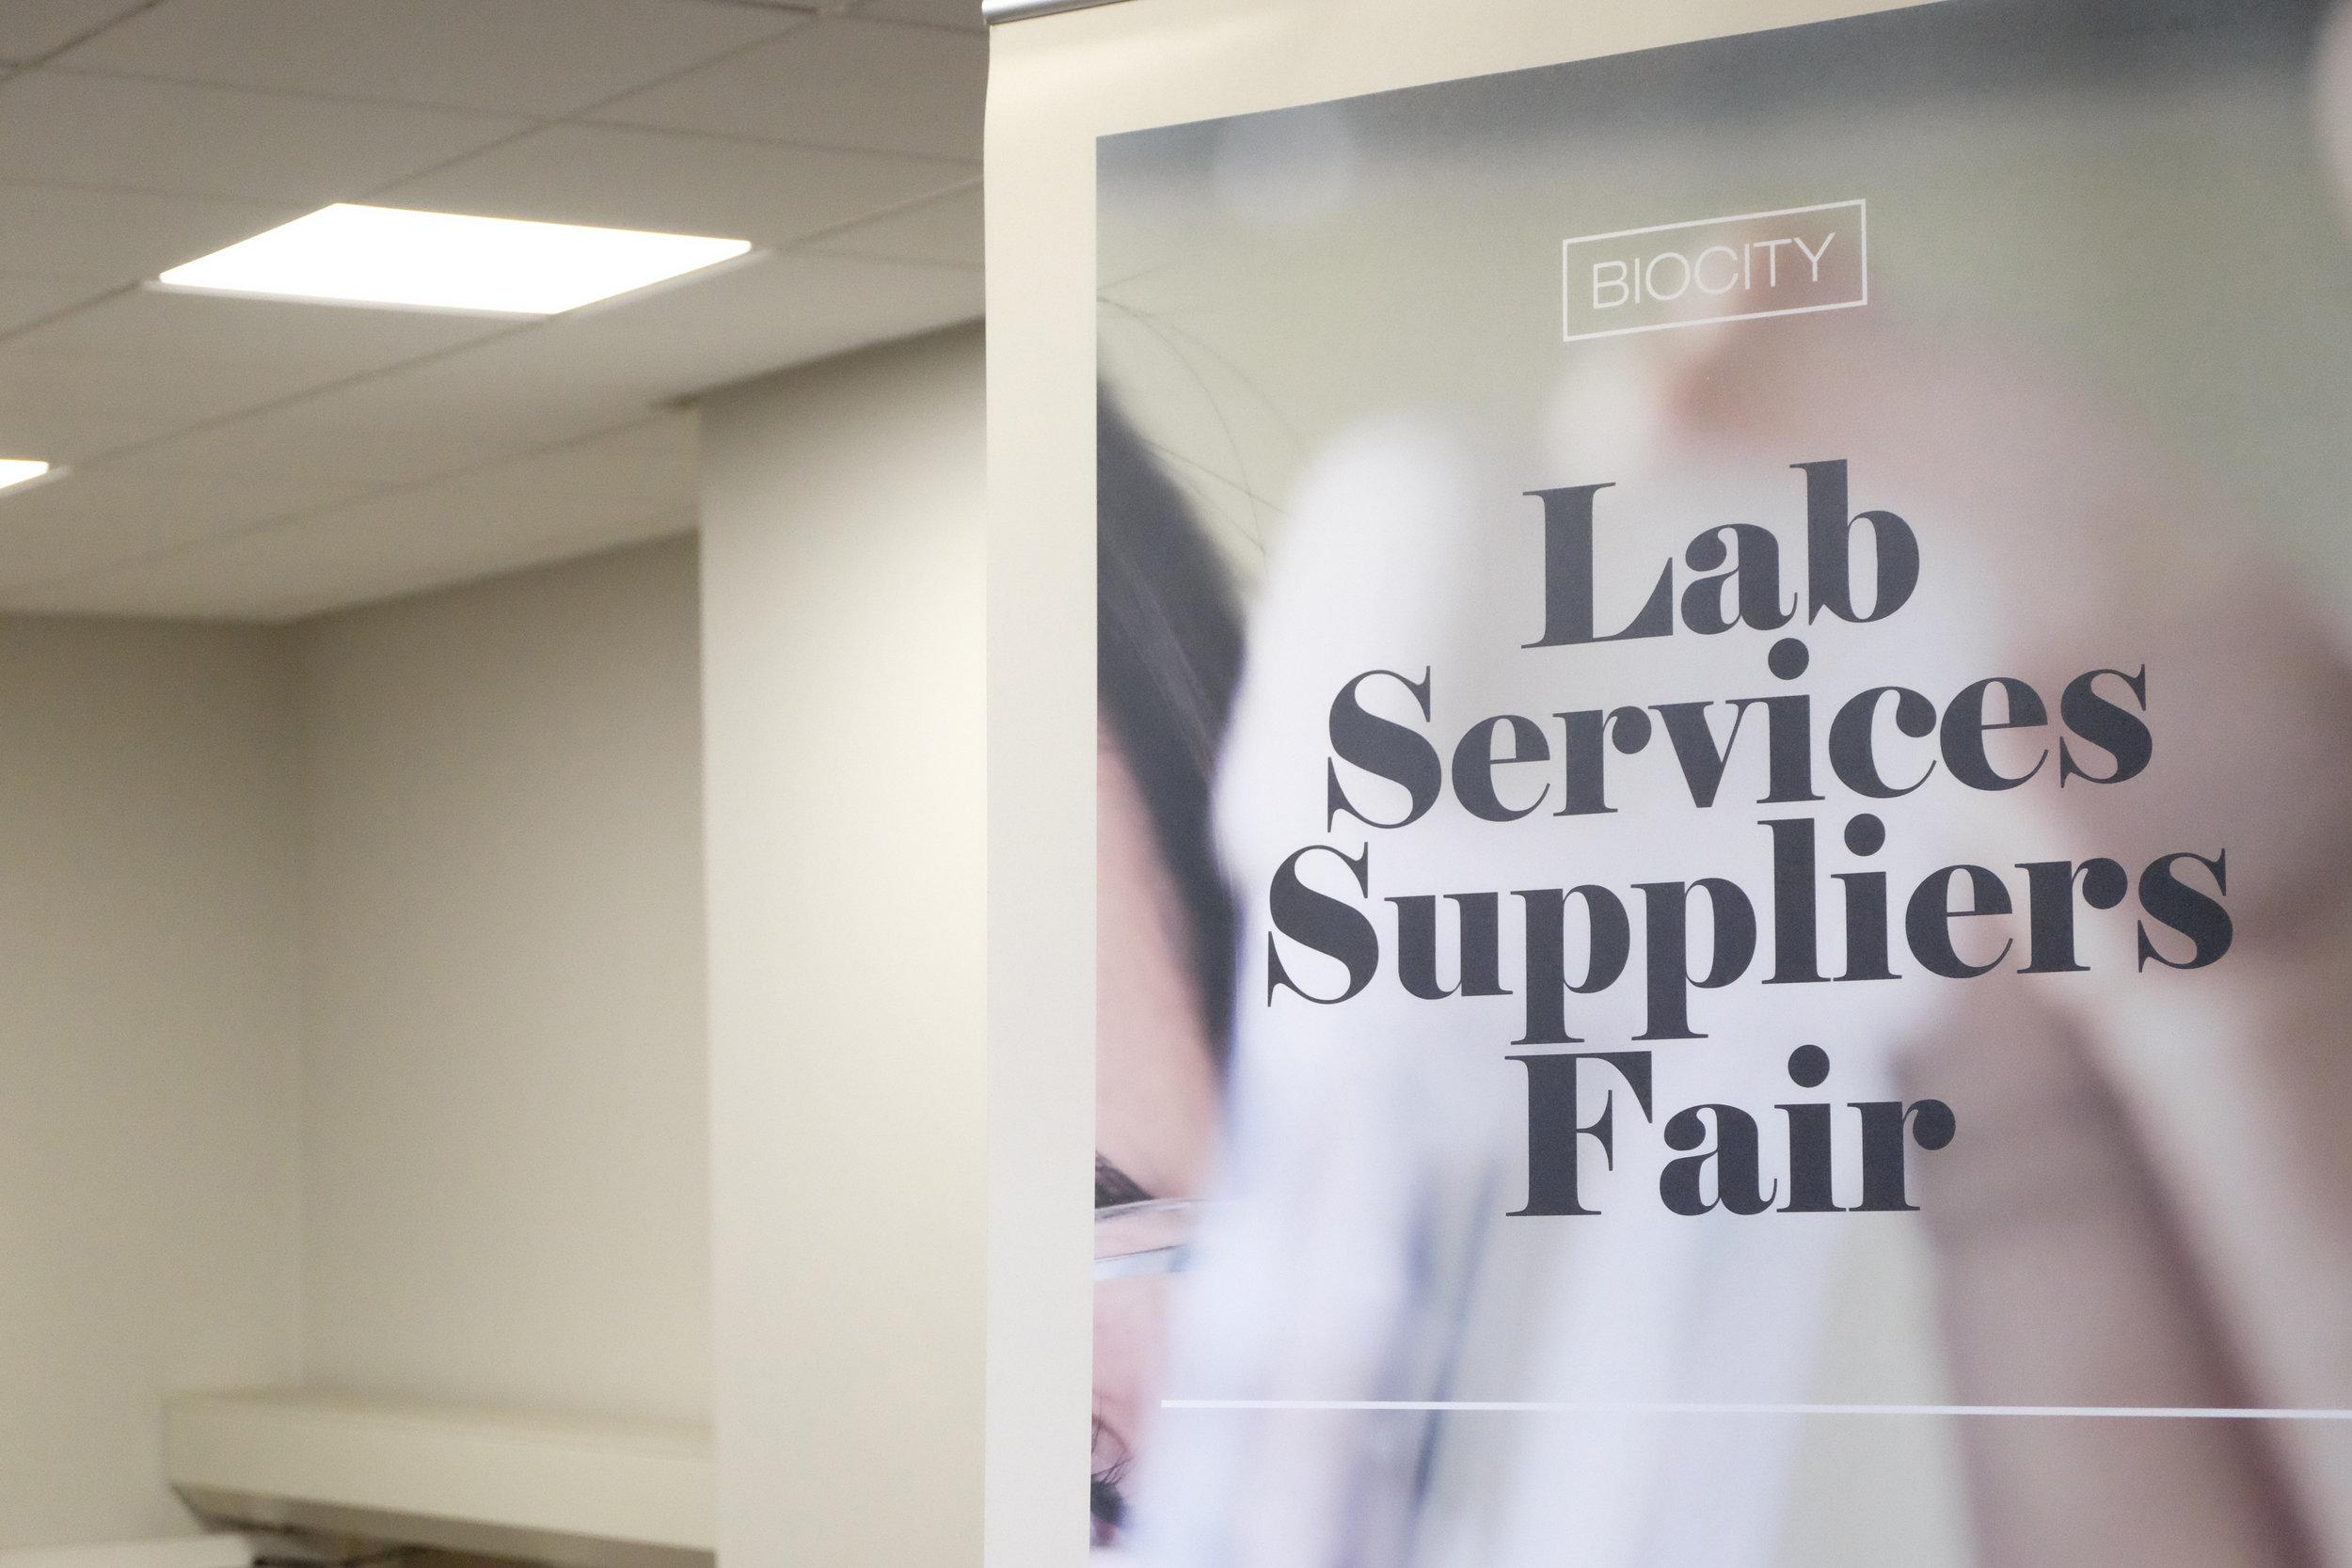 Biocity lab suppliers fair.jpg